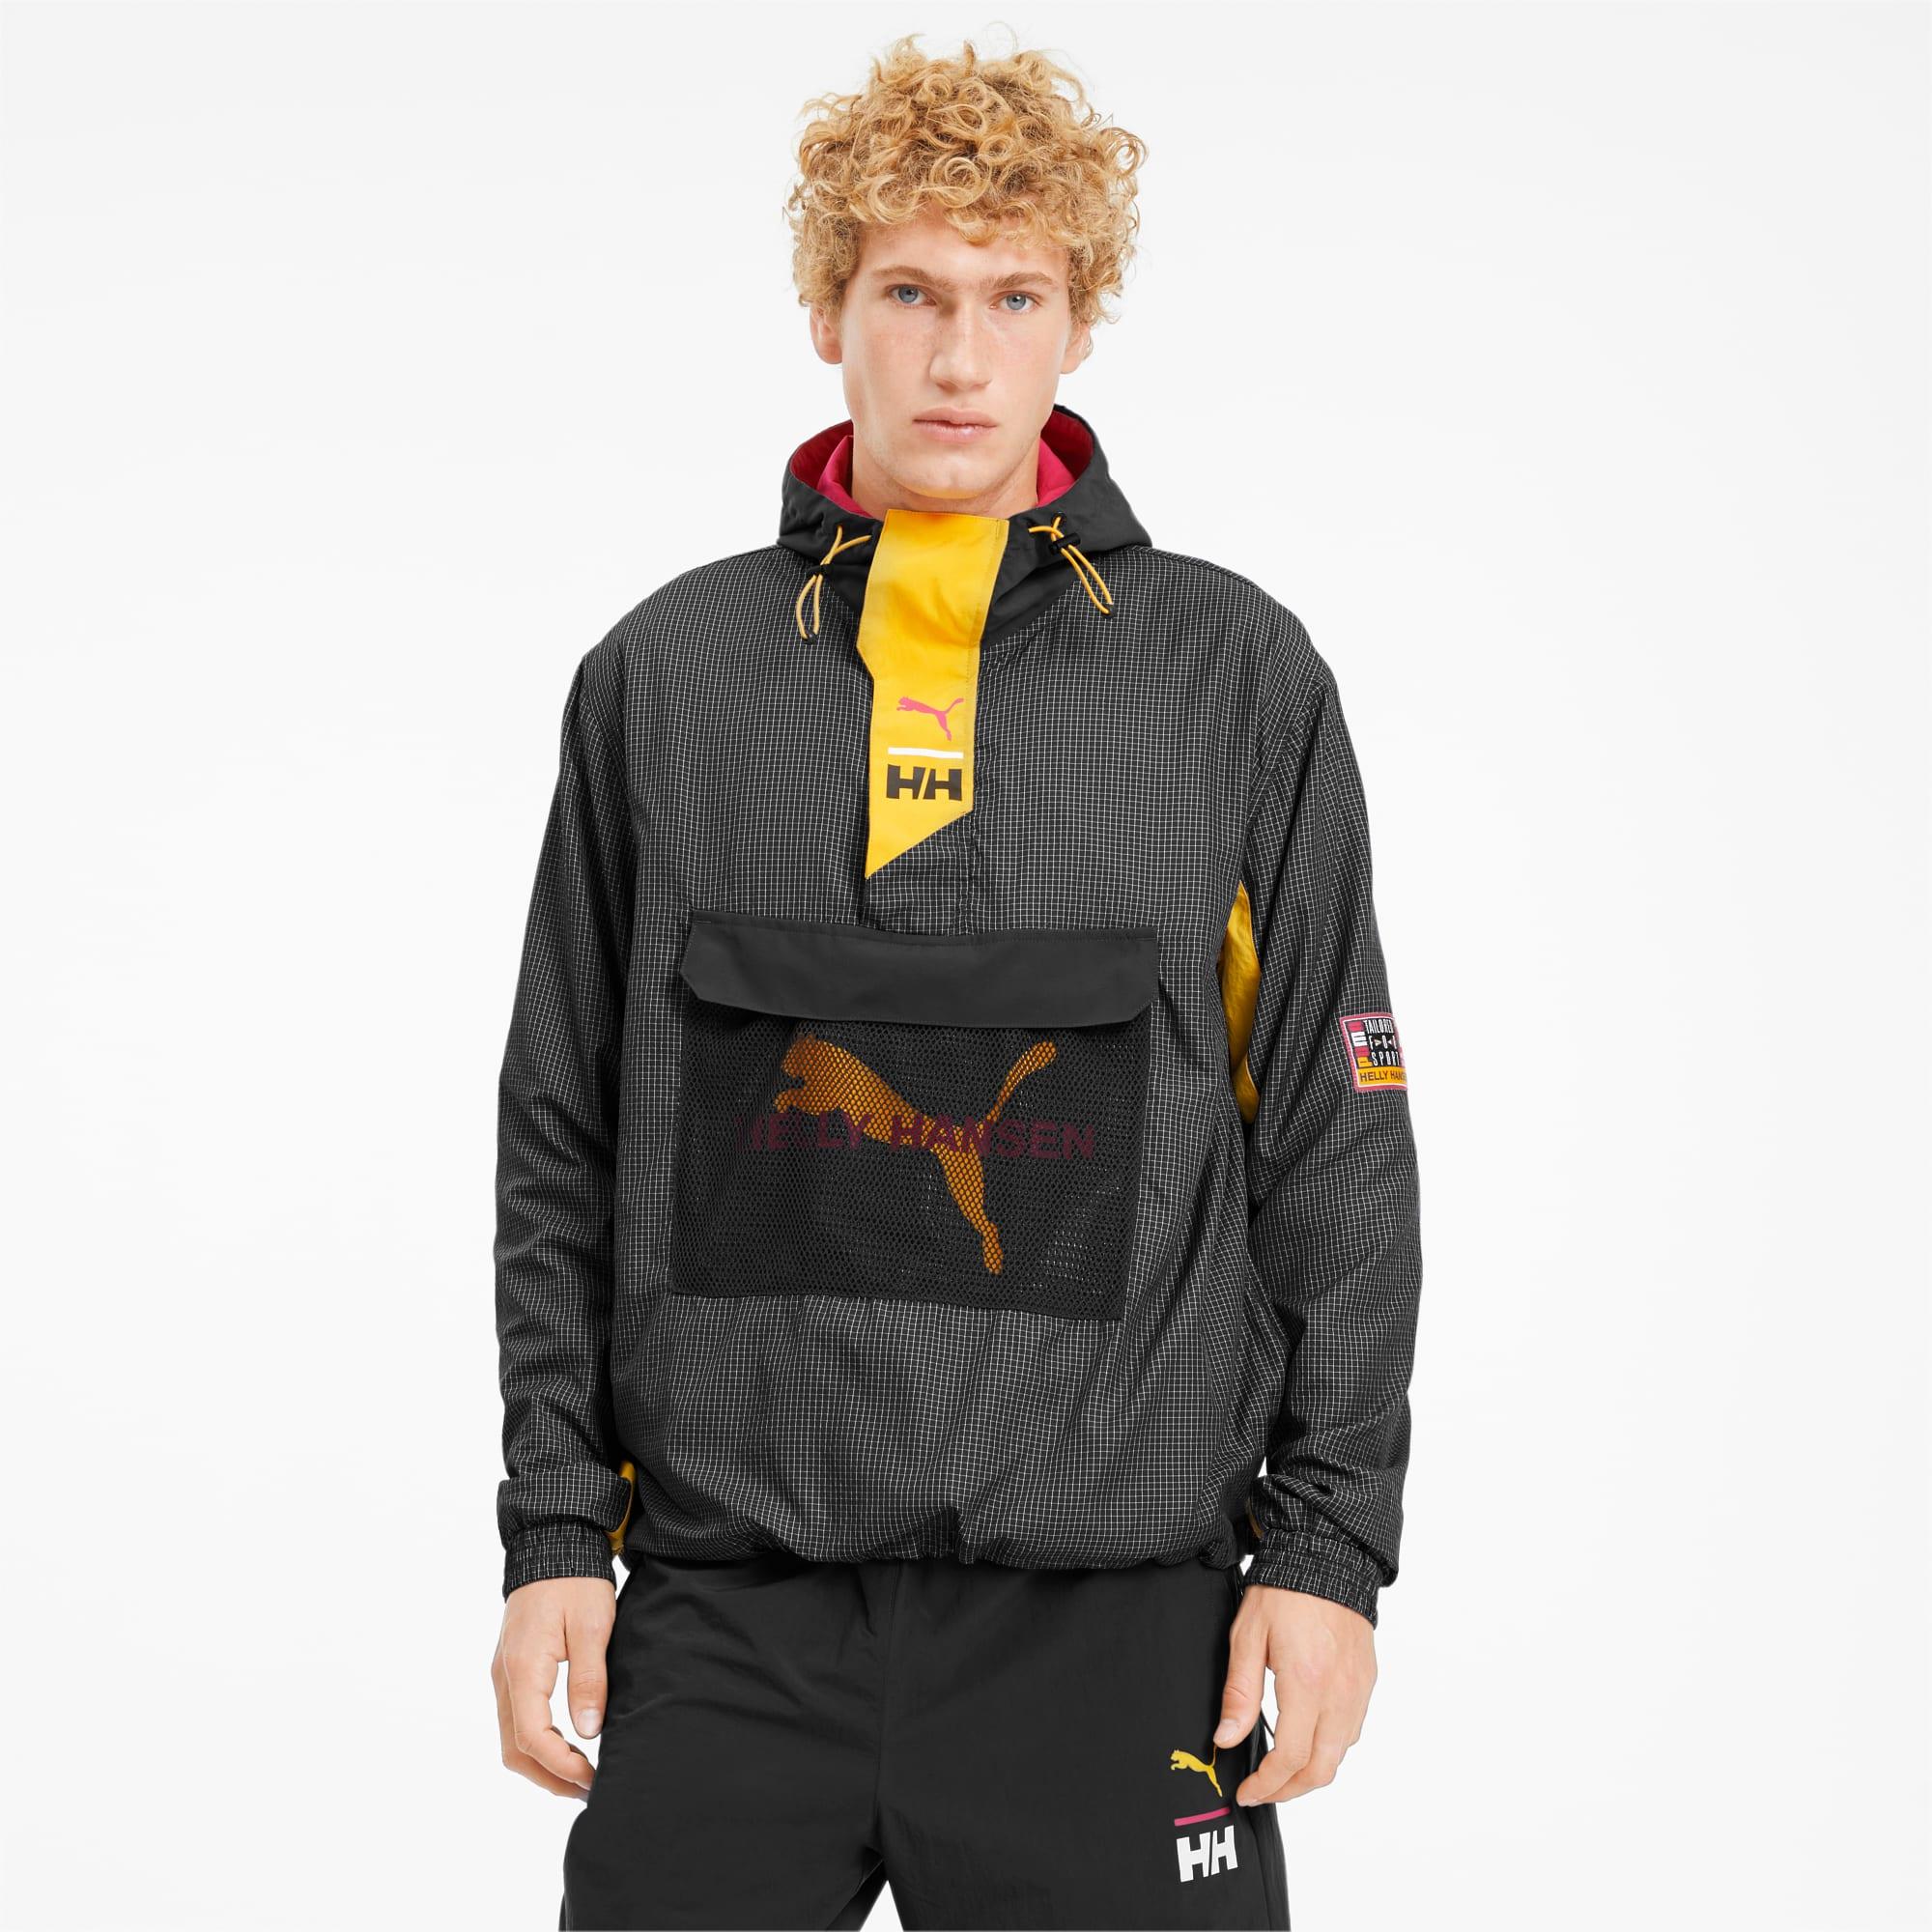 Brand di abbigliamento scandinavi